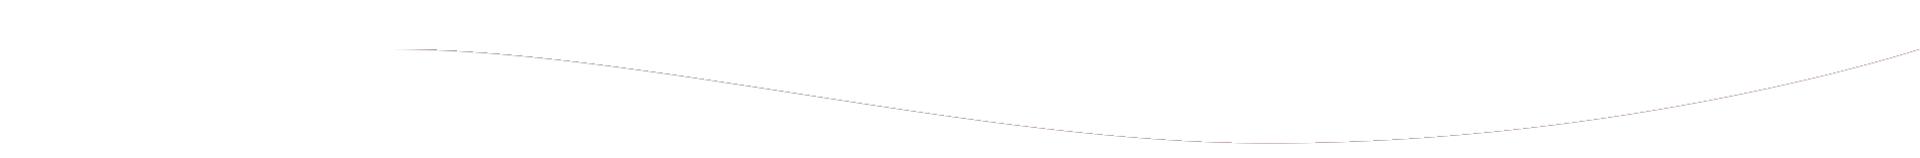 بروجيوم للحلول البرمجية